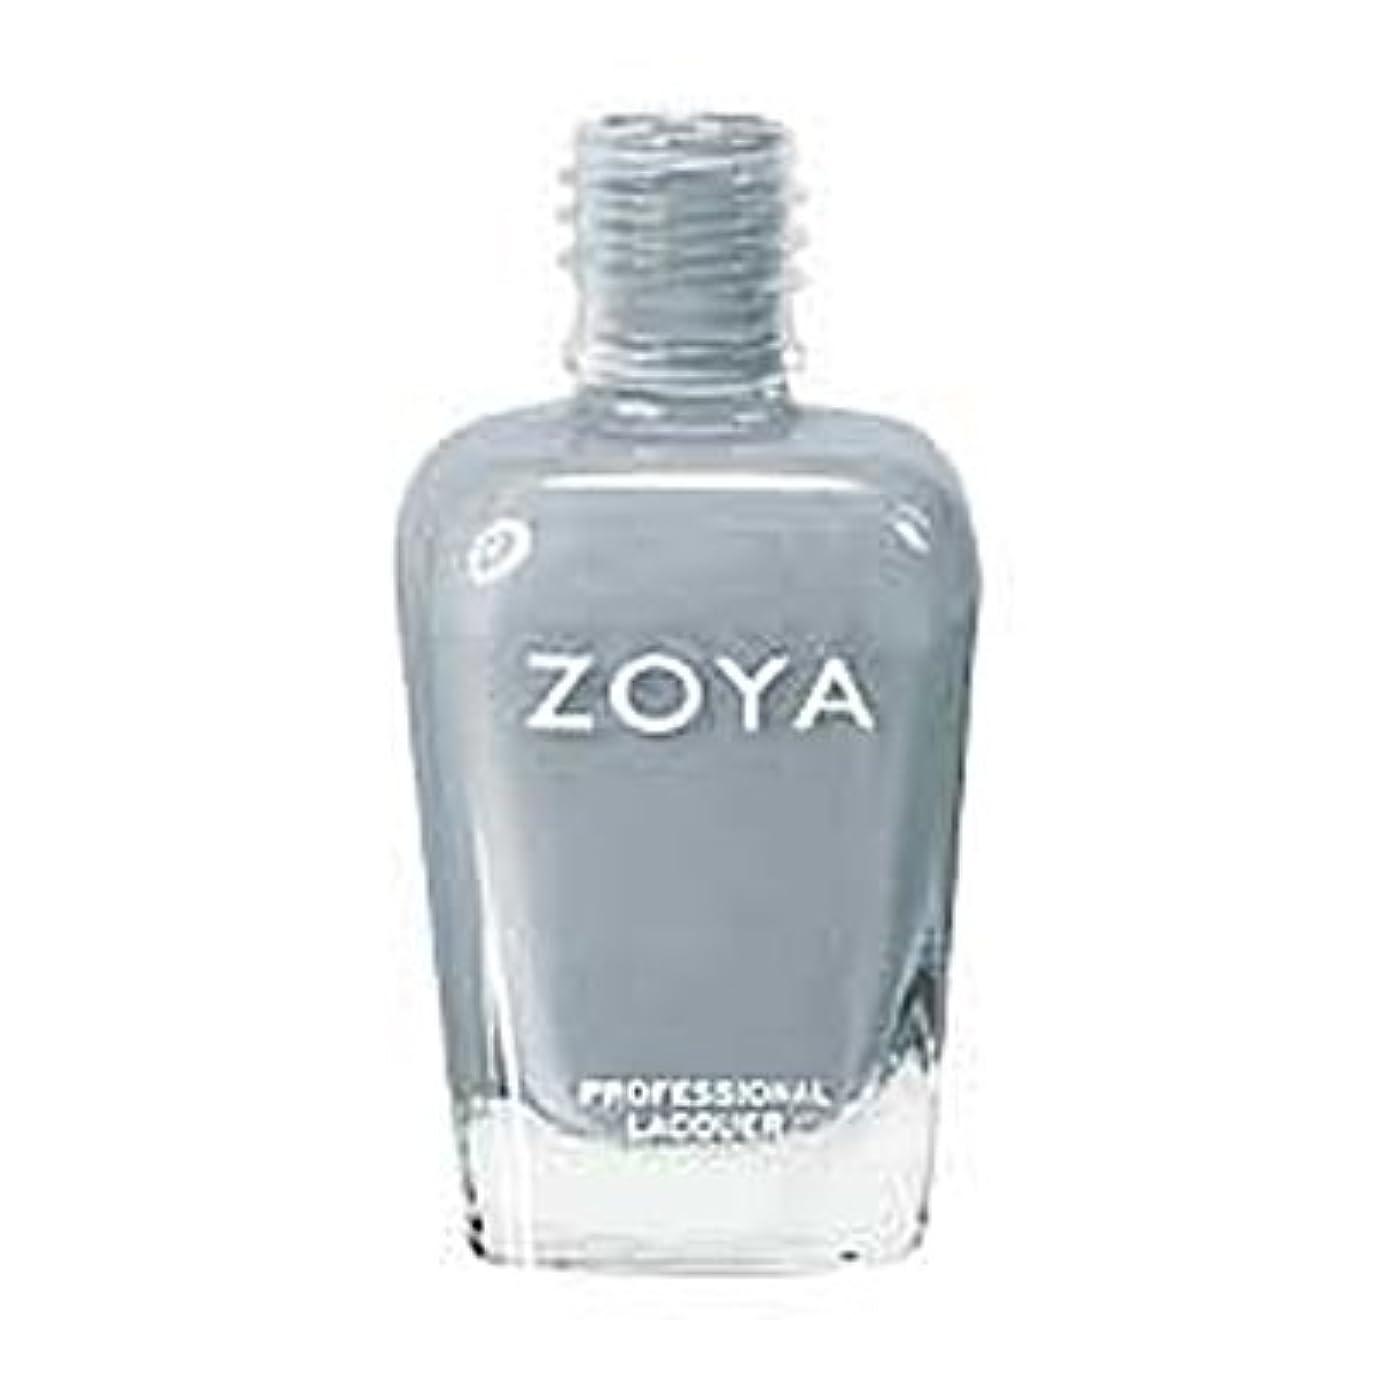 最も遠いしなやかなコンドーム[Zoya] ZP591 クリスティン [Feel Collection][並行輸入品][海外直送品]